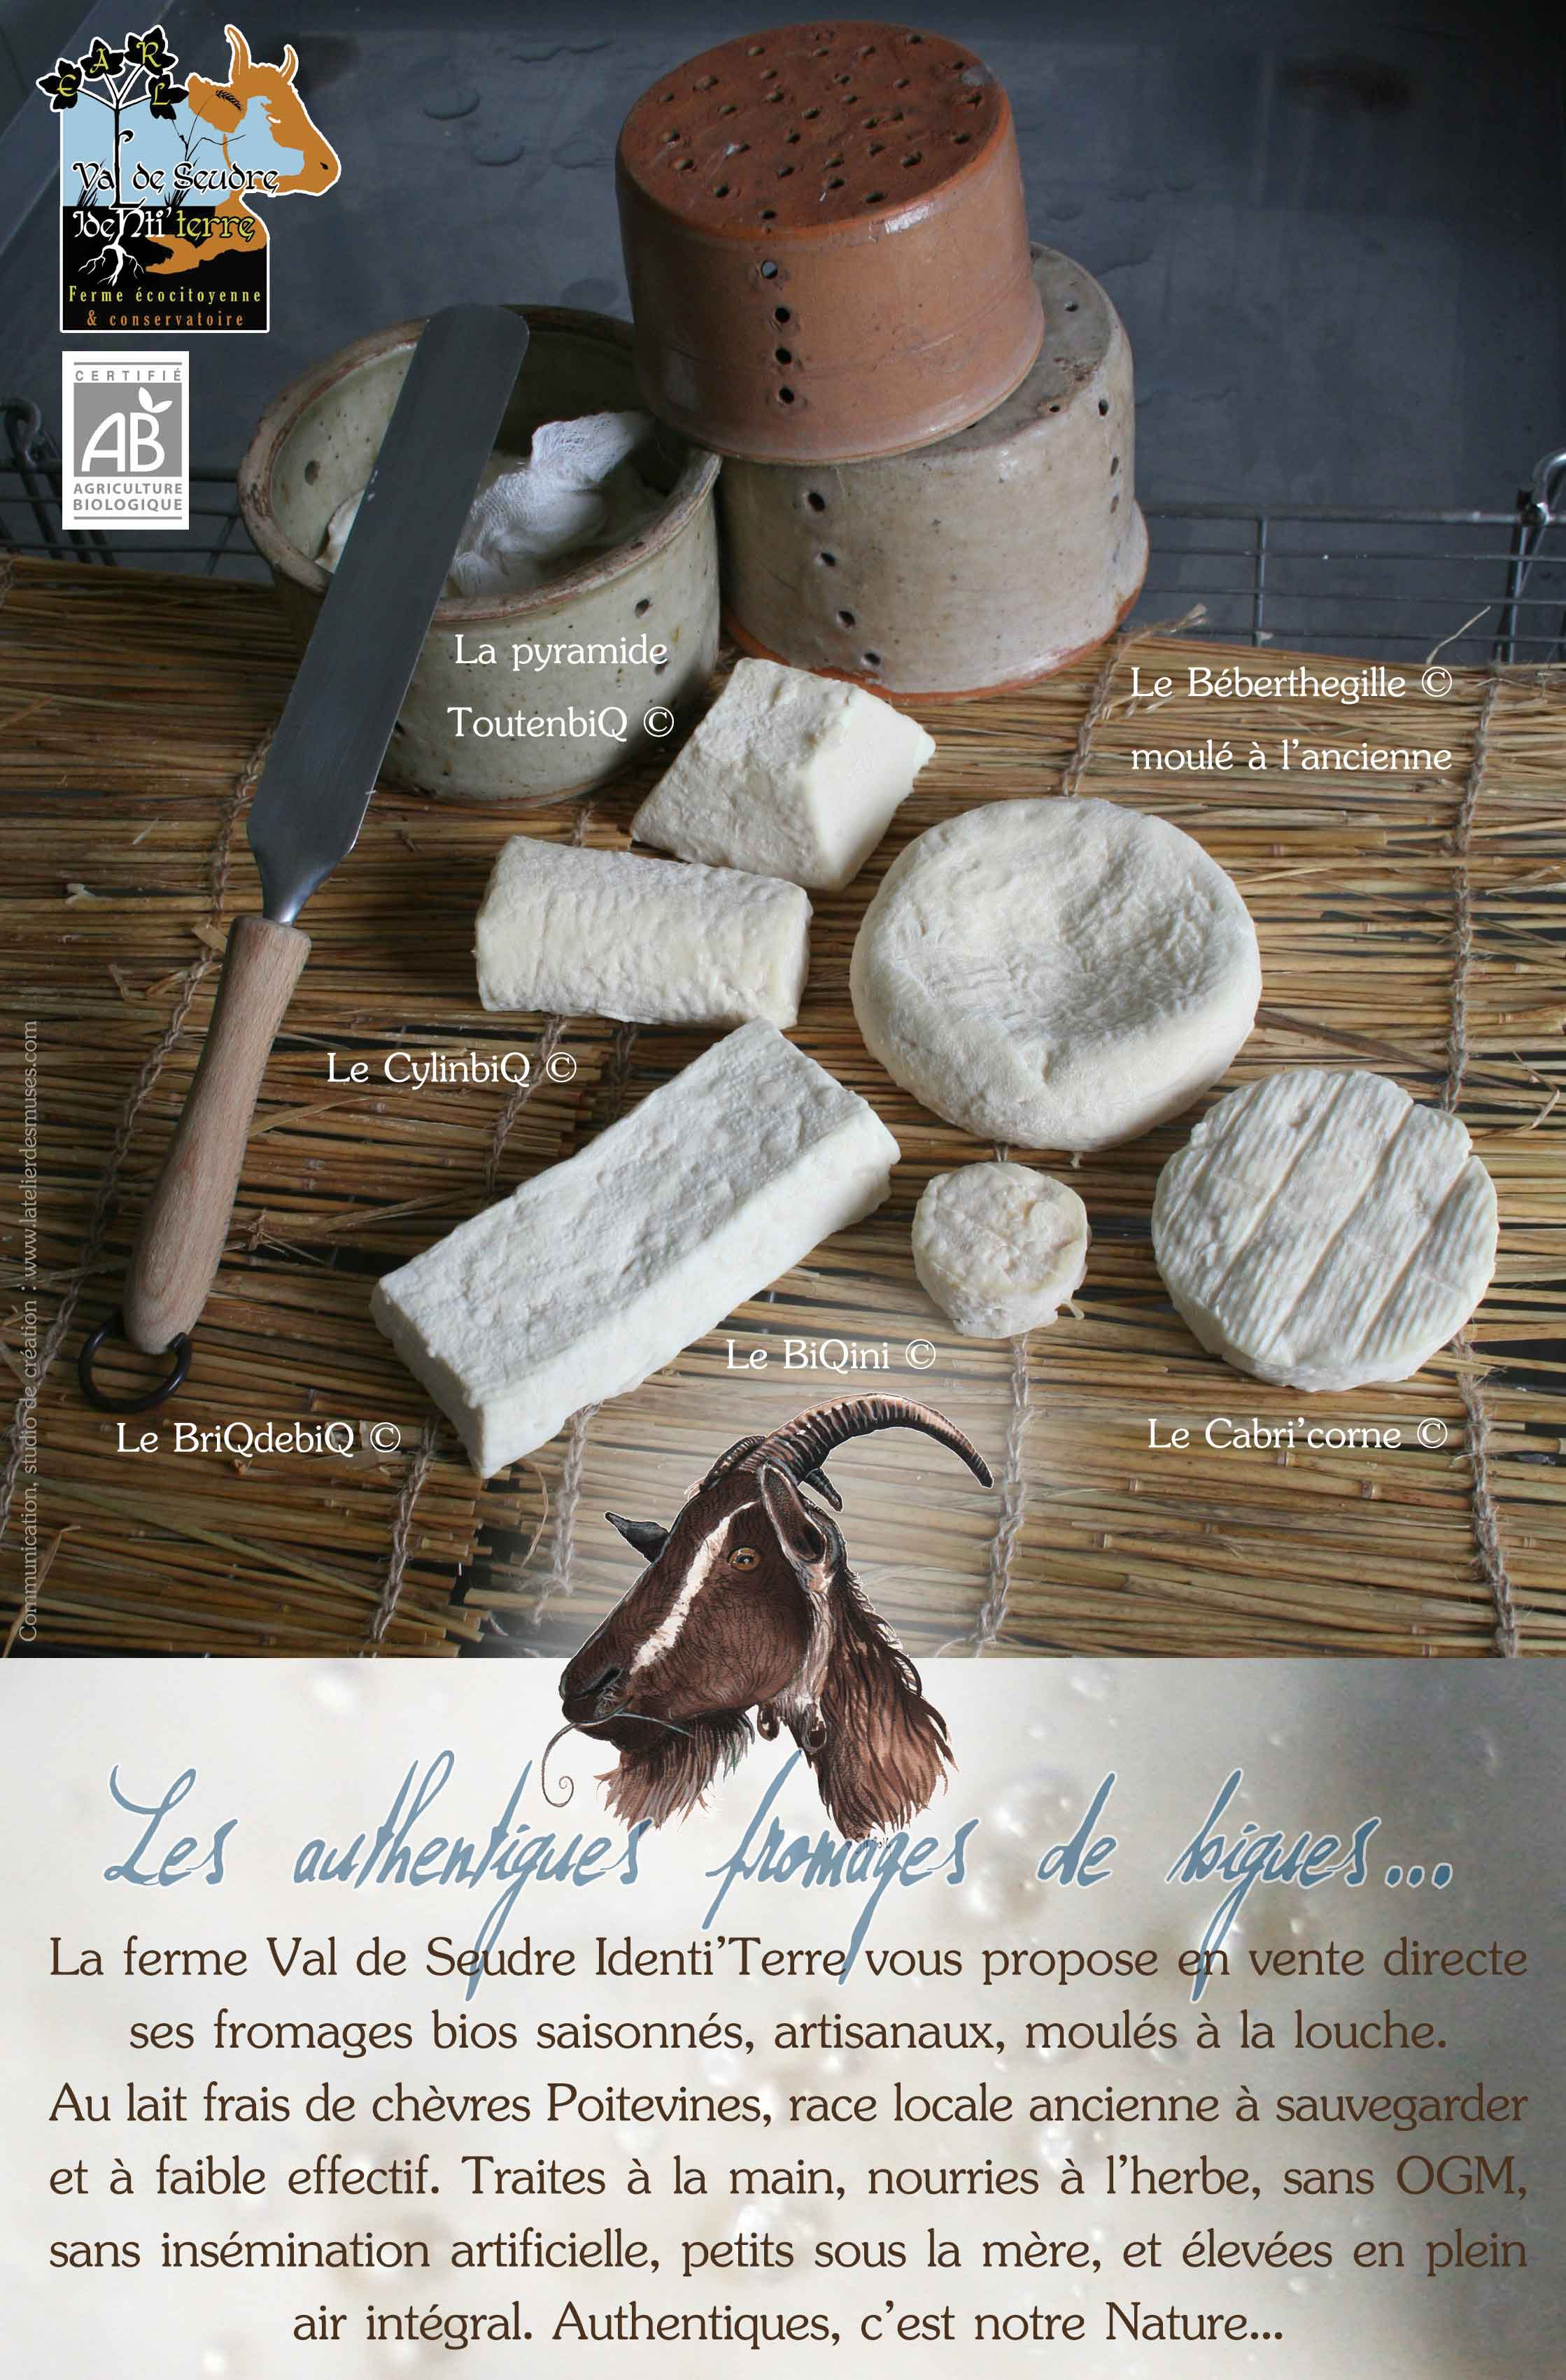 affiche-poster-des-fromages-de-la-ferme-web-.jpg